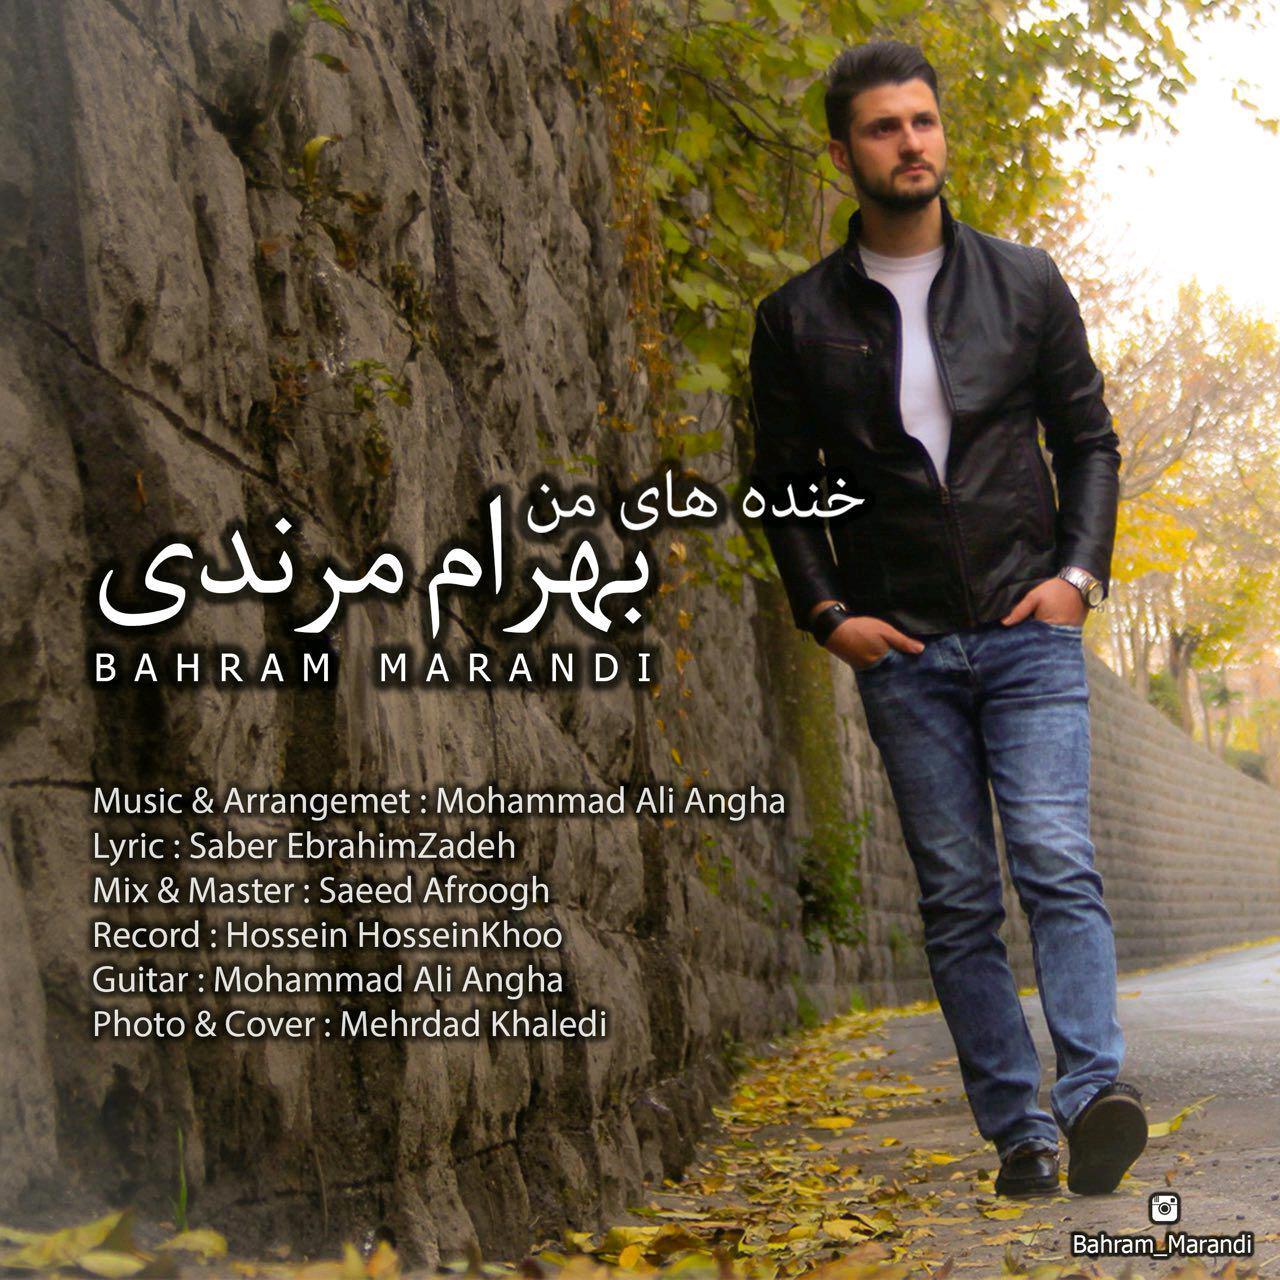 Bahram Marandi – Khandehaye Man